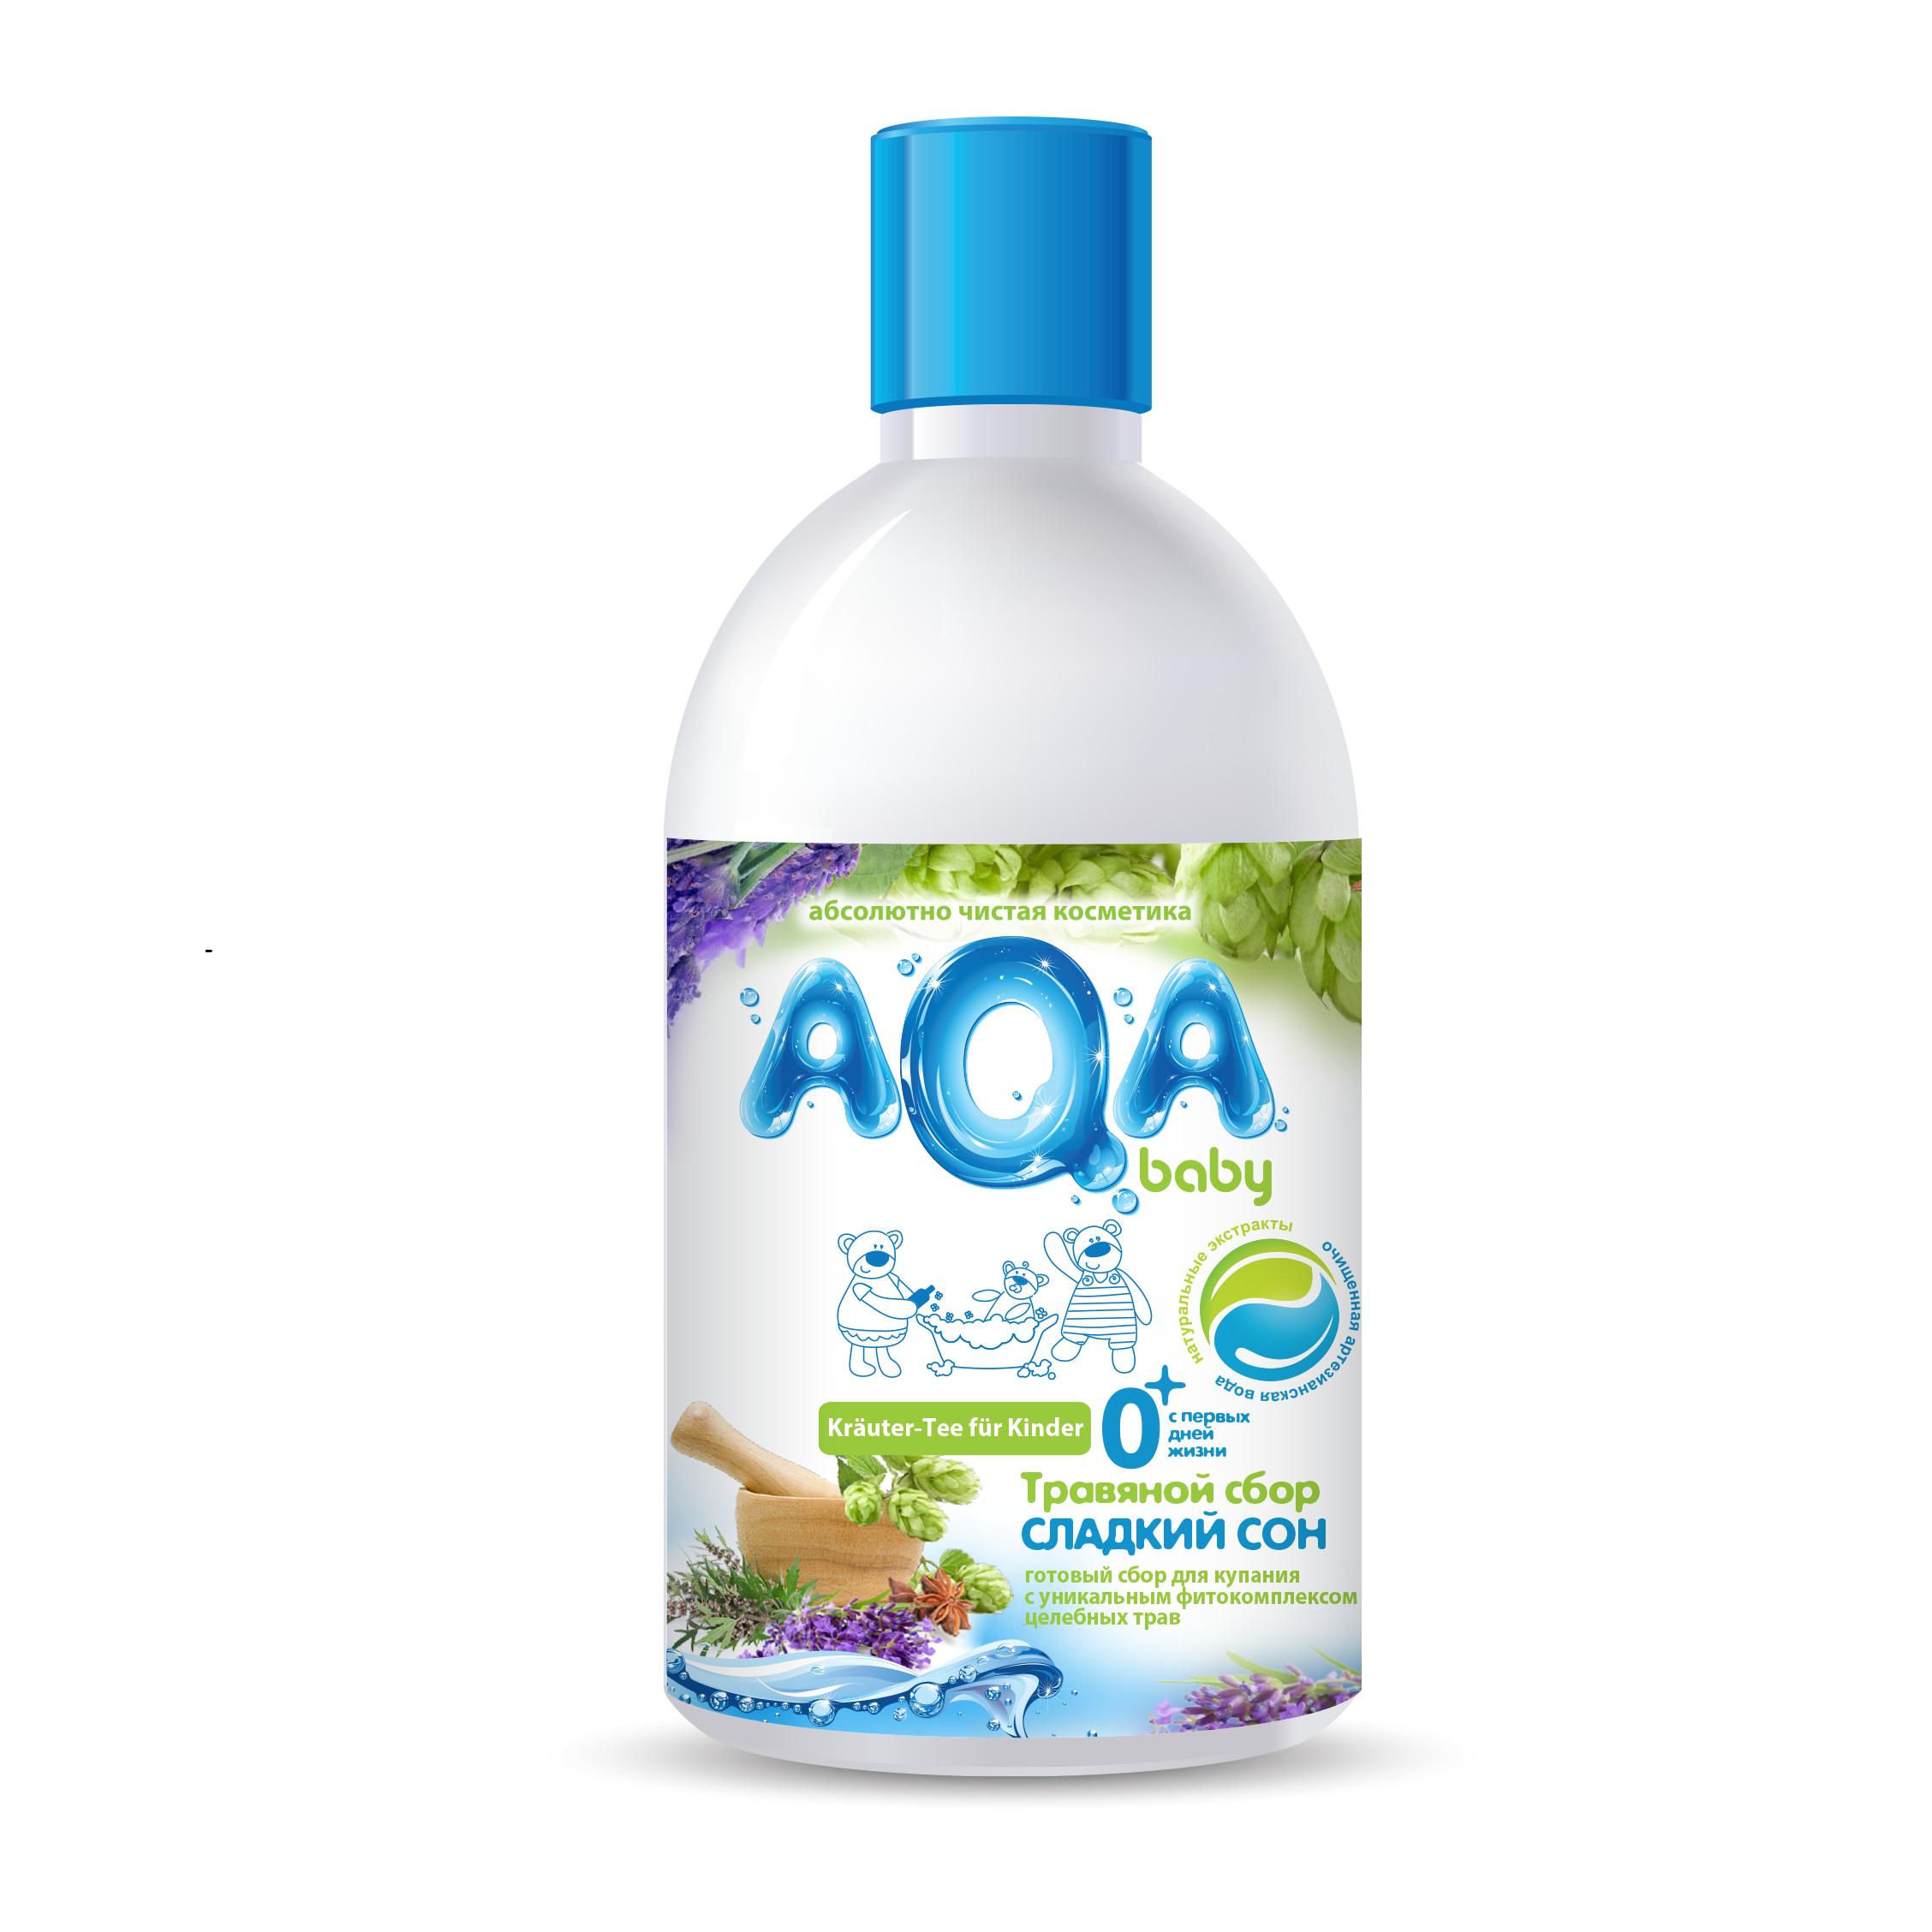 Травяной сбор AQA baby для купания Сладкий сон 300 мл<br>